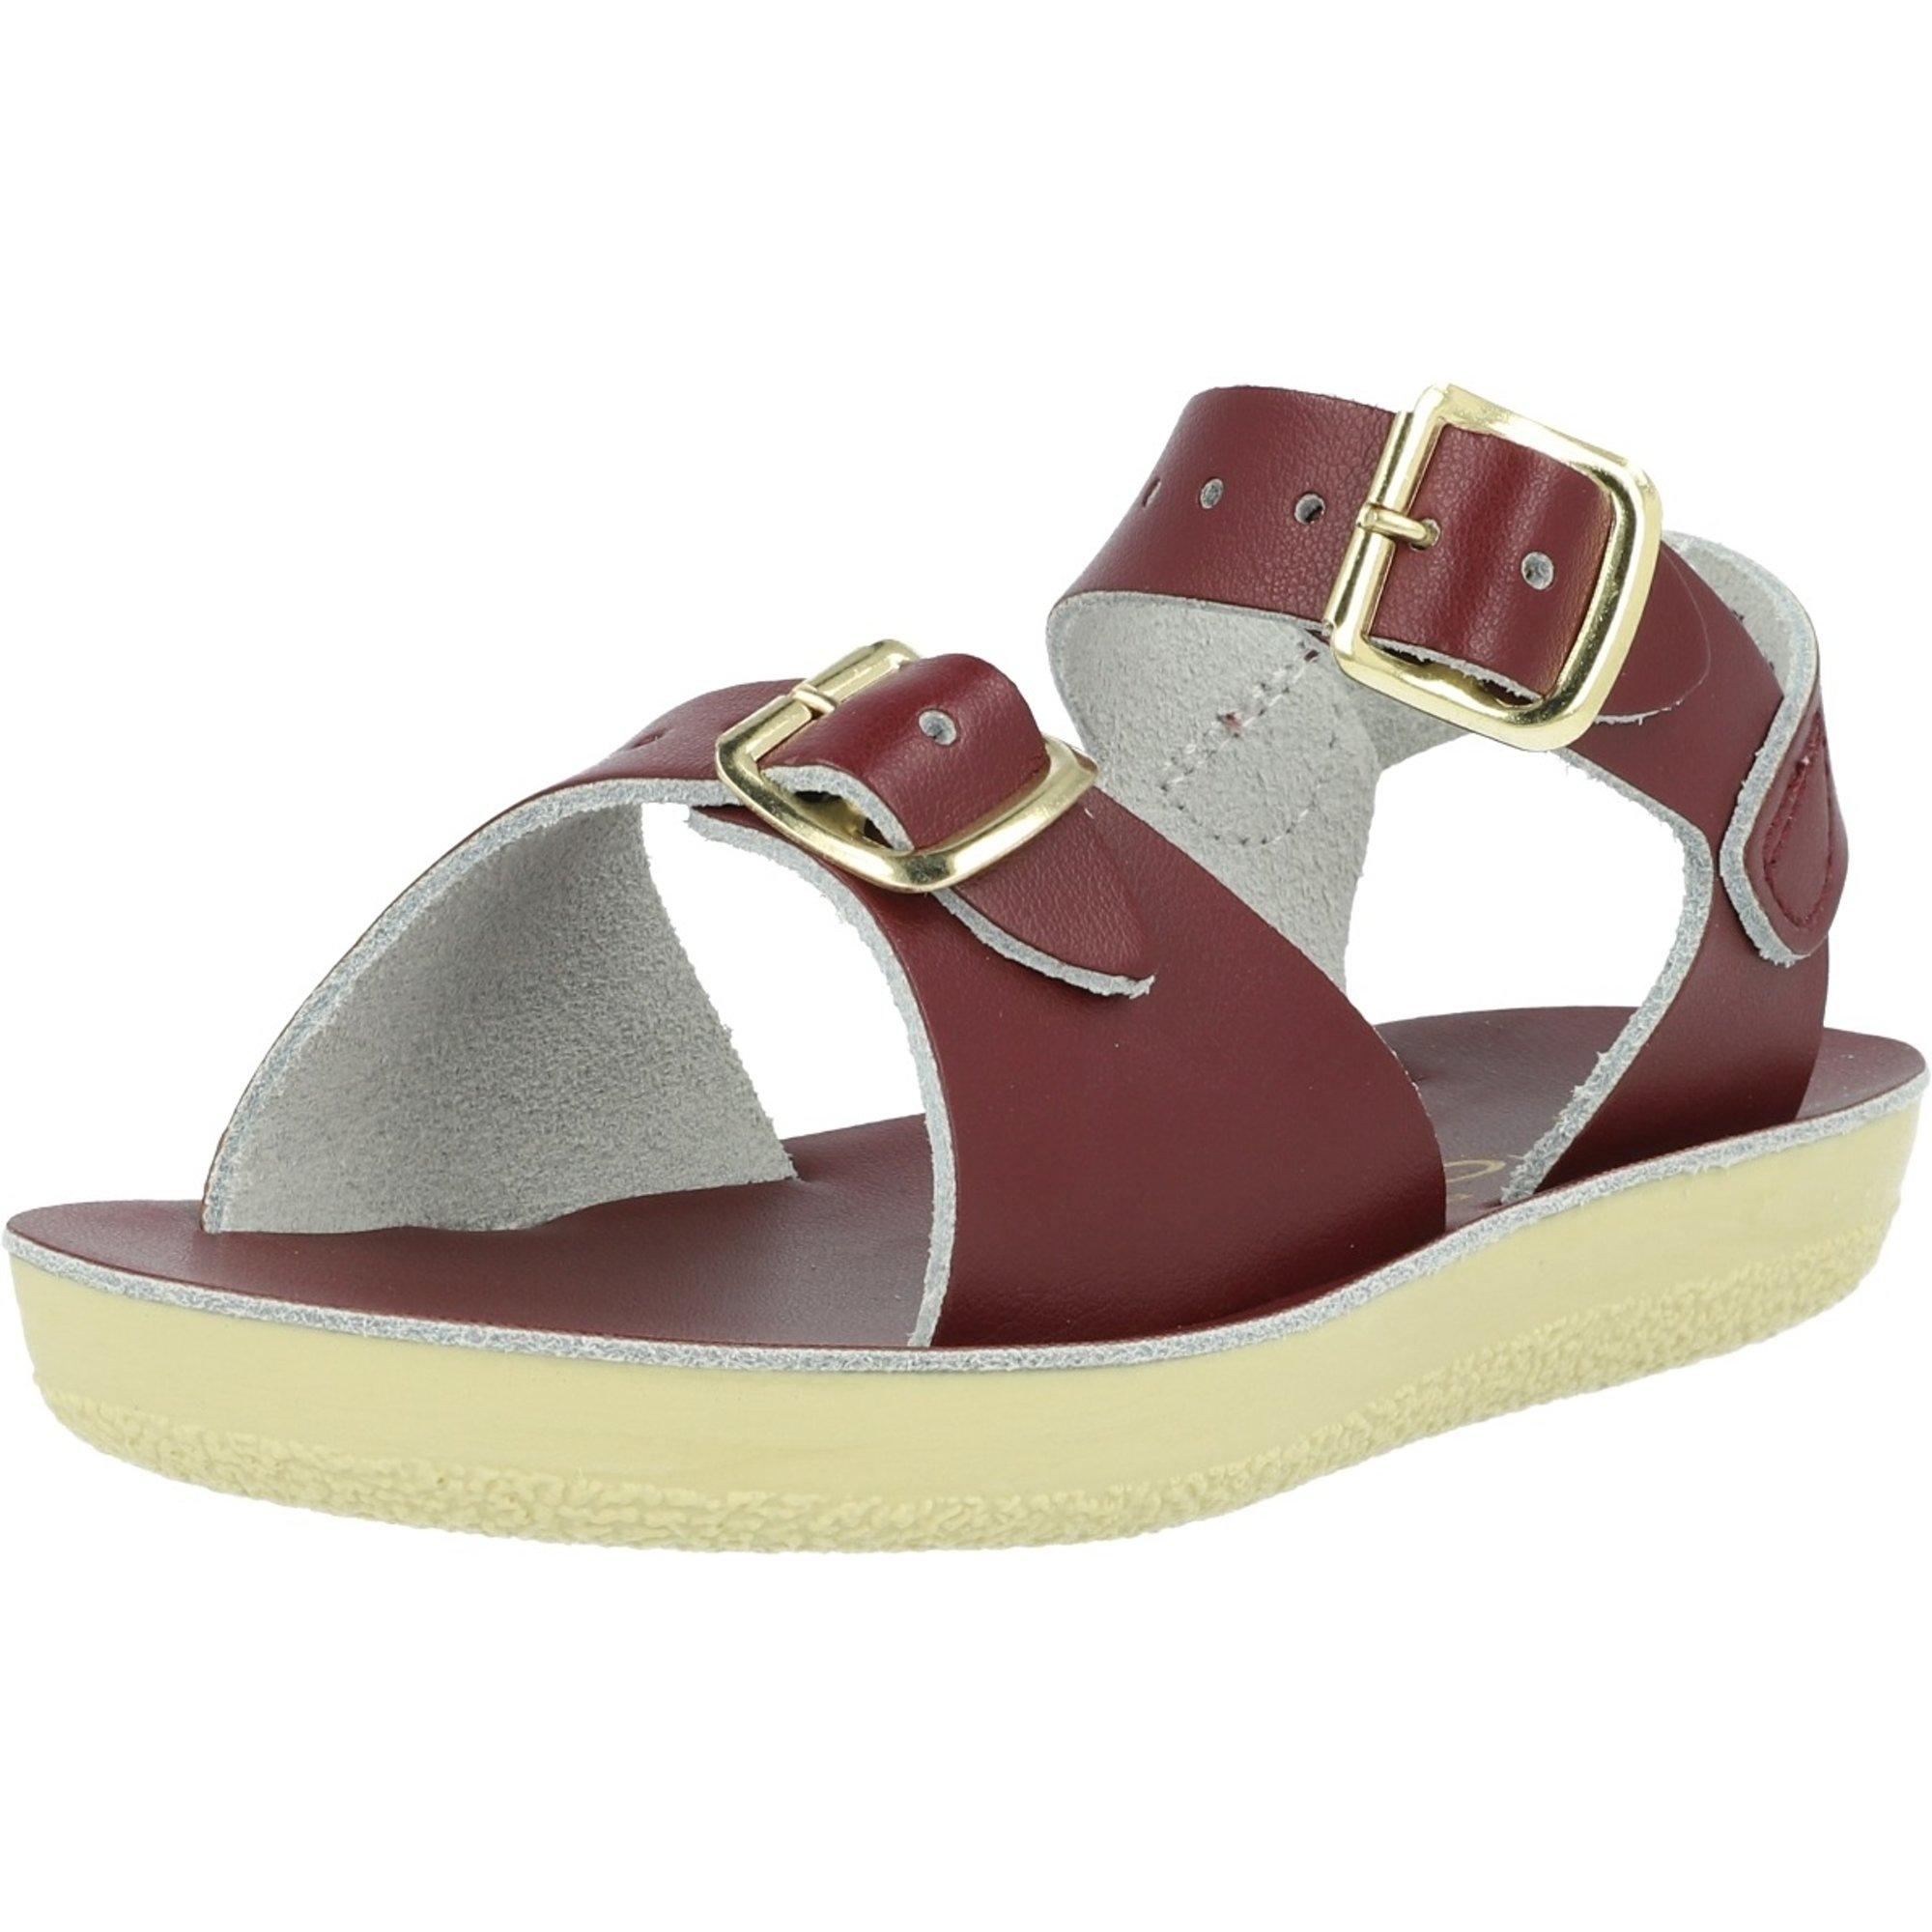 Salt Water Sandals Sun-San Surfer Claret Leather